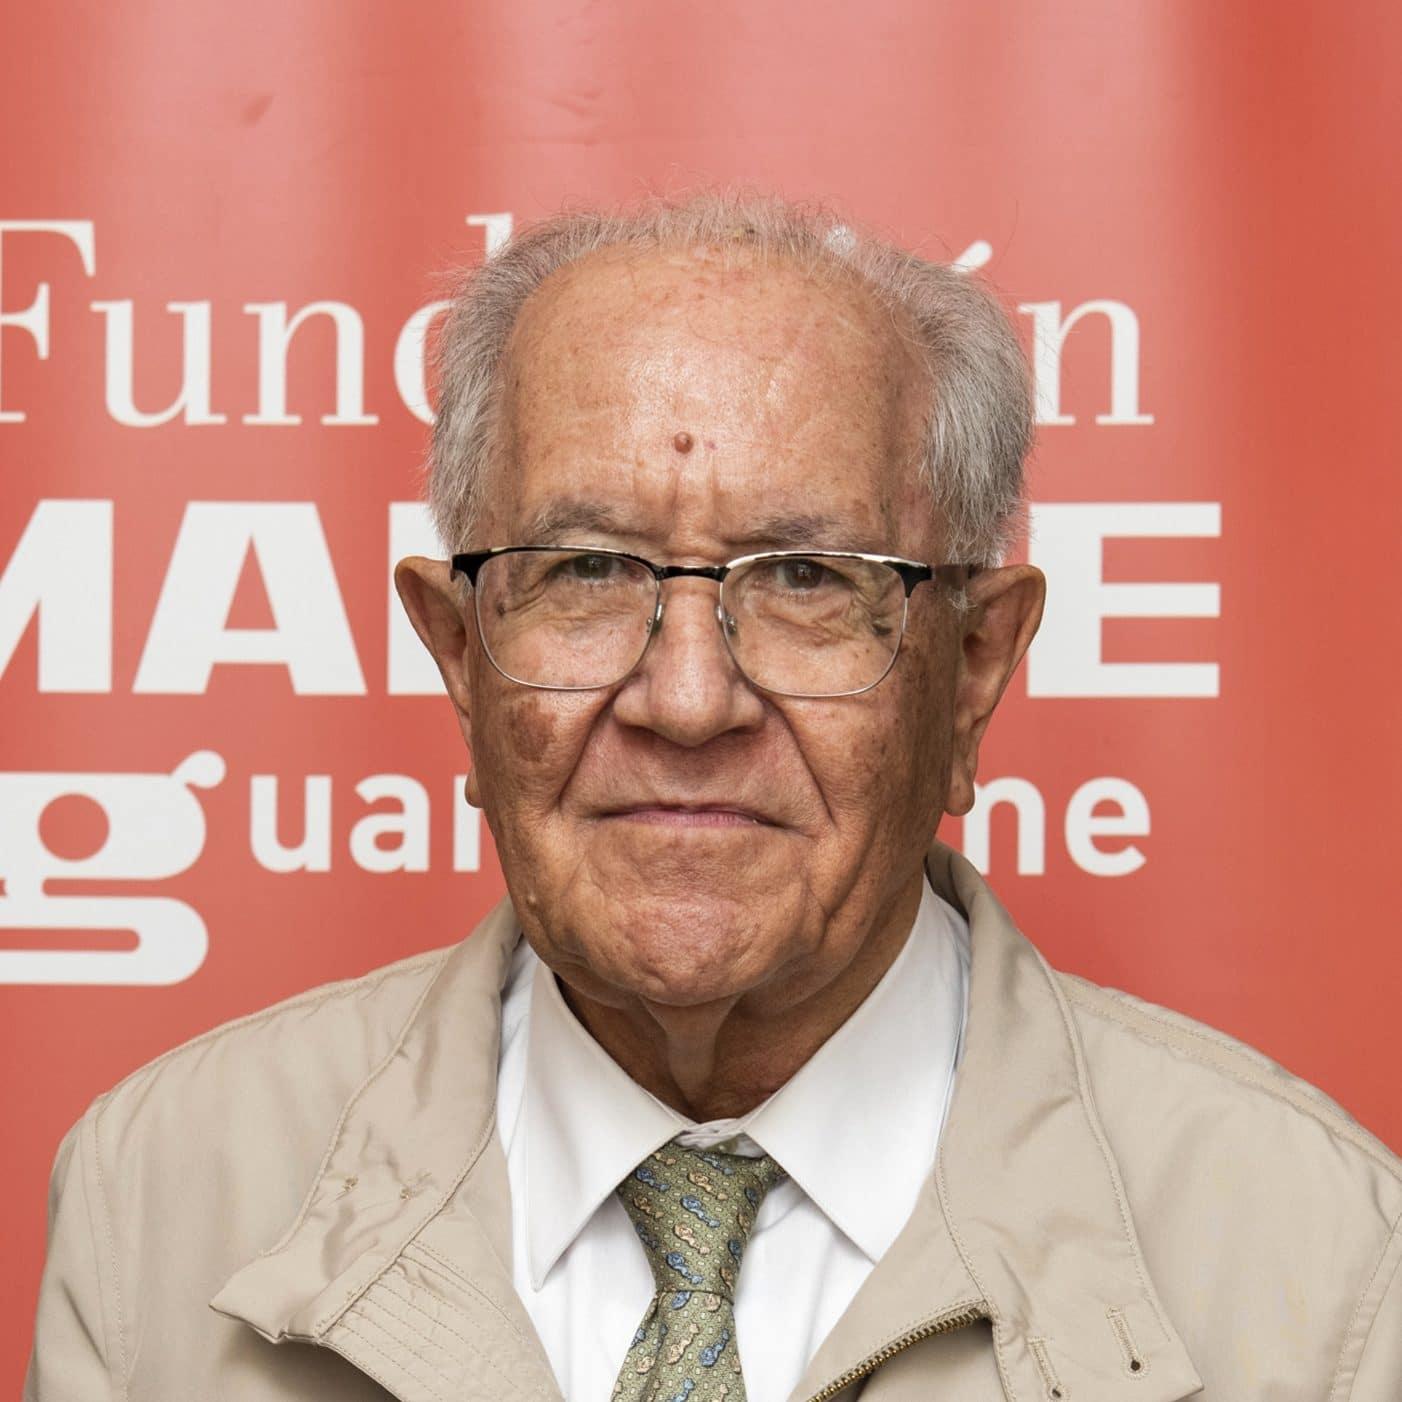 Carlos Álvarez Jiménez